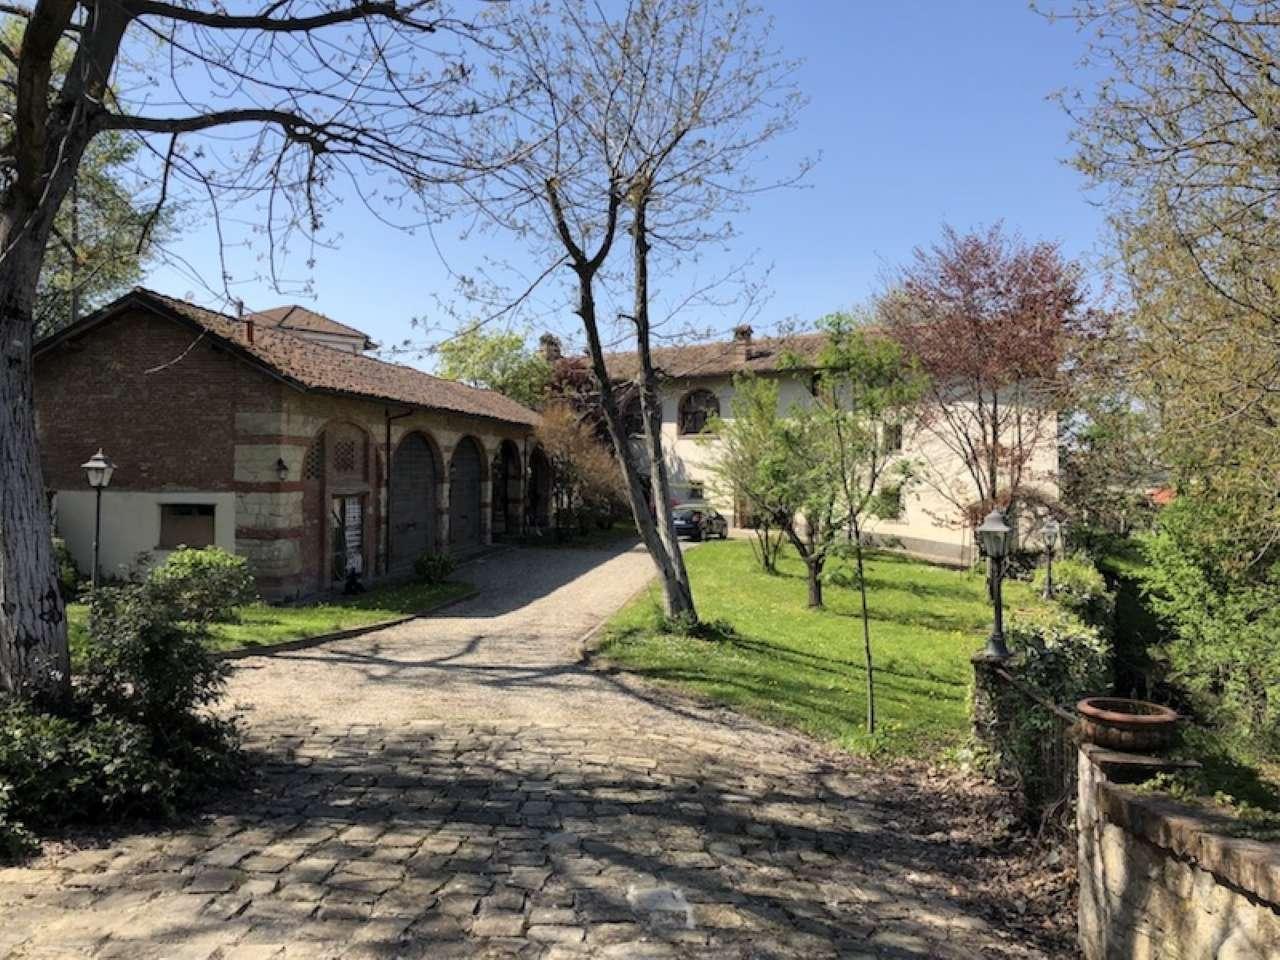 Soluzione Indipendente in vendita a Carpeneto, 12 locali, prezzo € 600.000 | PortaleAgenzieImmobiliari.it